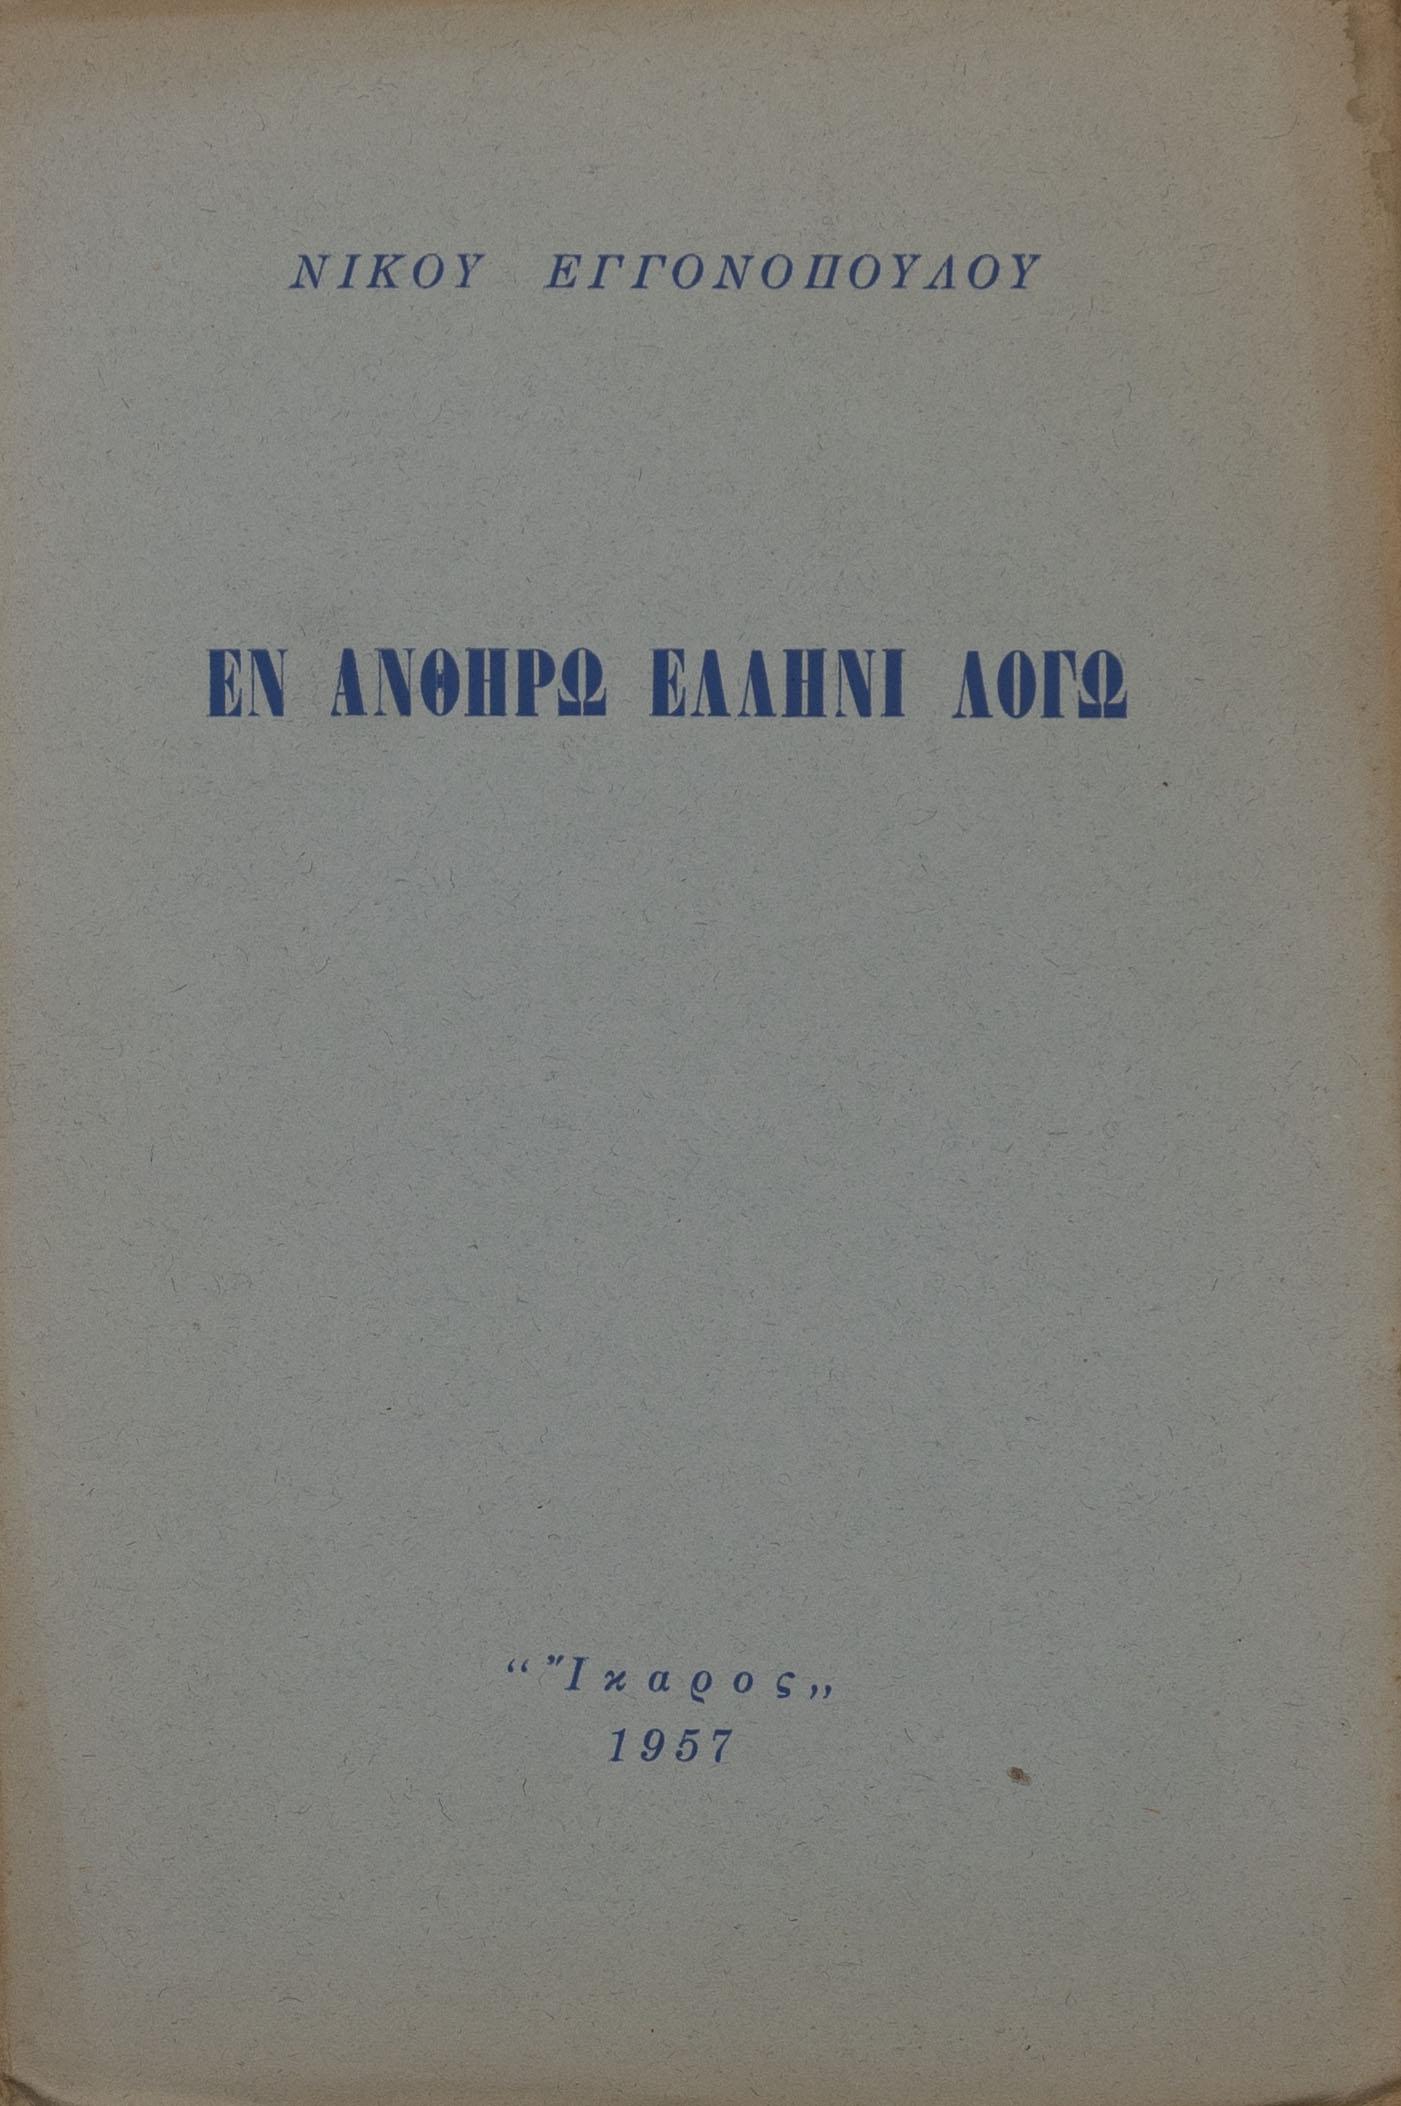 ΕΓΓΟΝΟΠΟΥΛΟΣ, Νίκος.